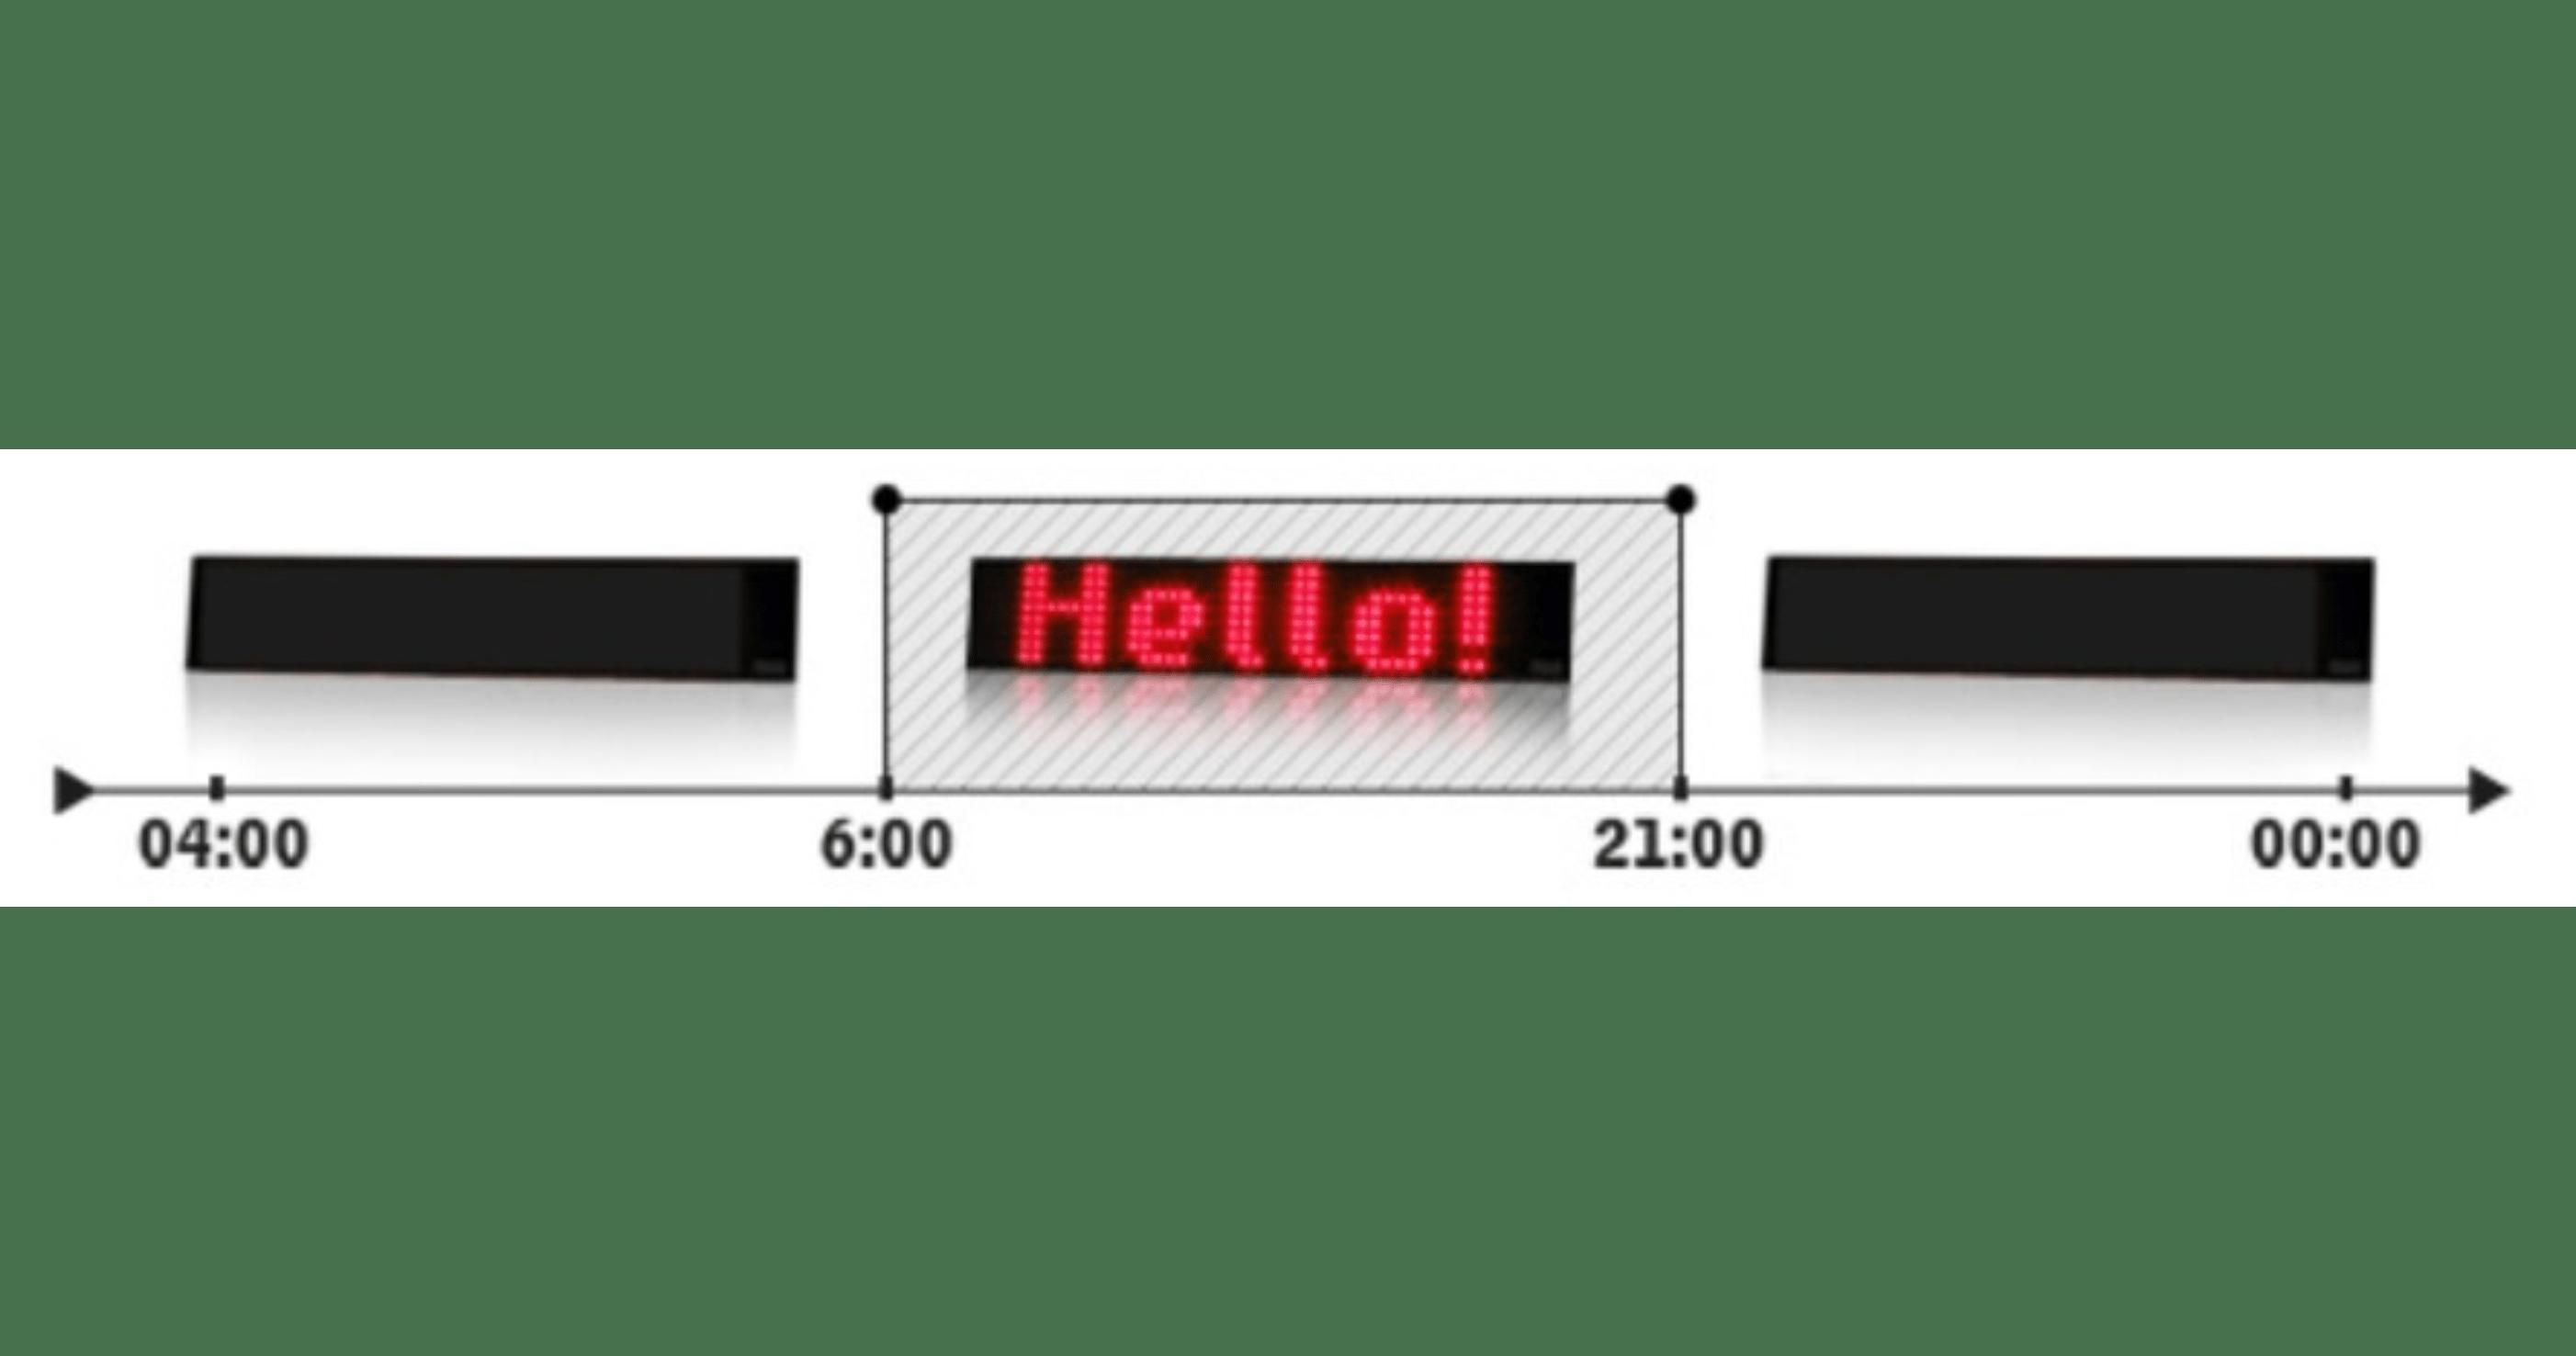 Automatické zapnutí | vypnutí